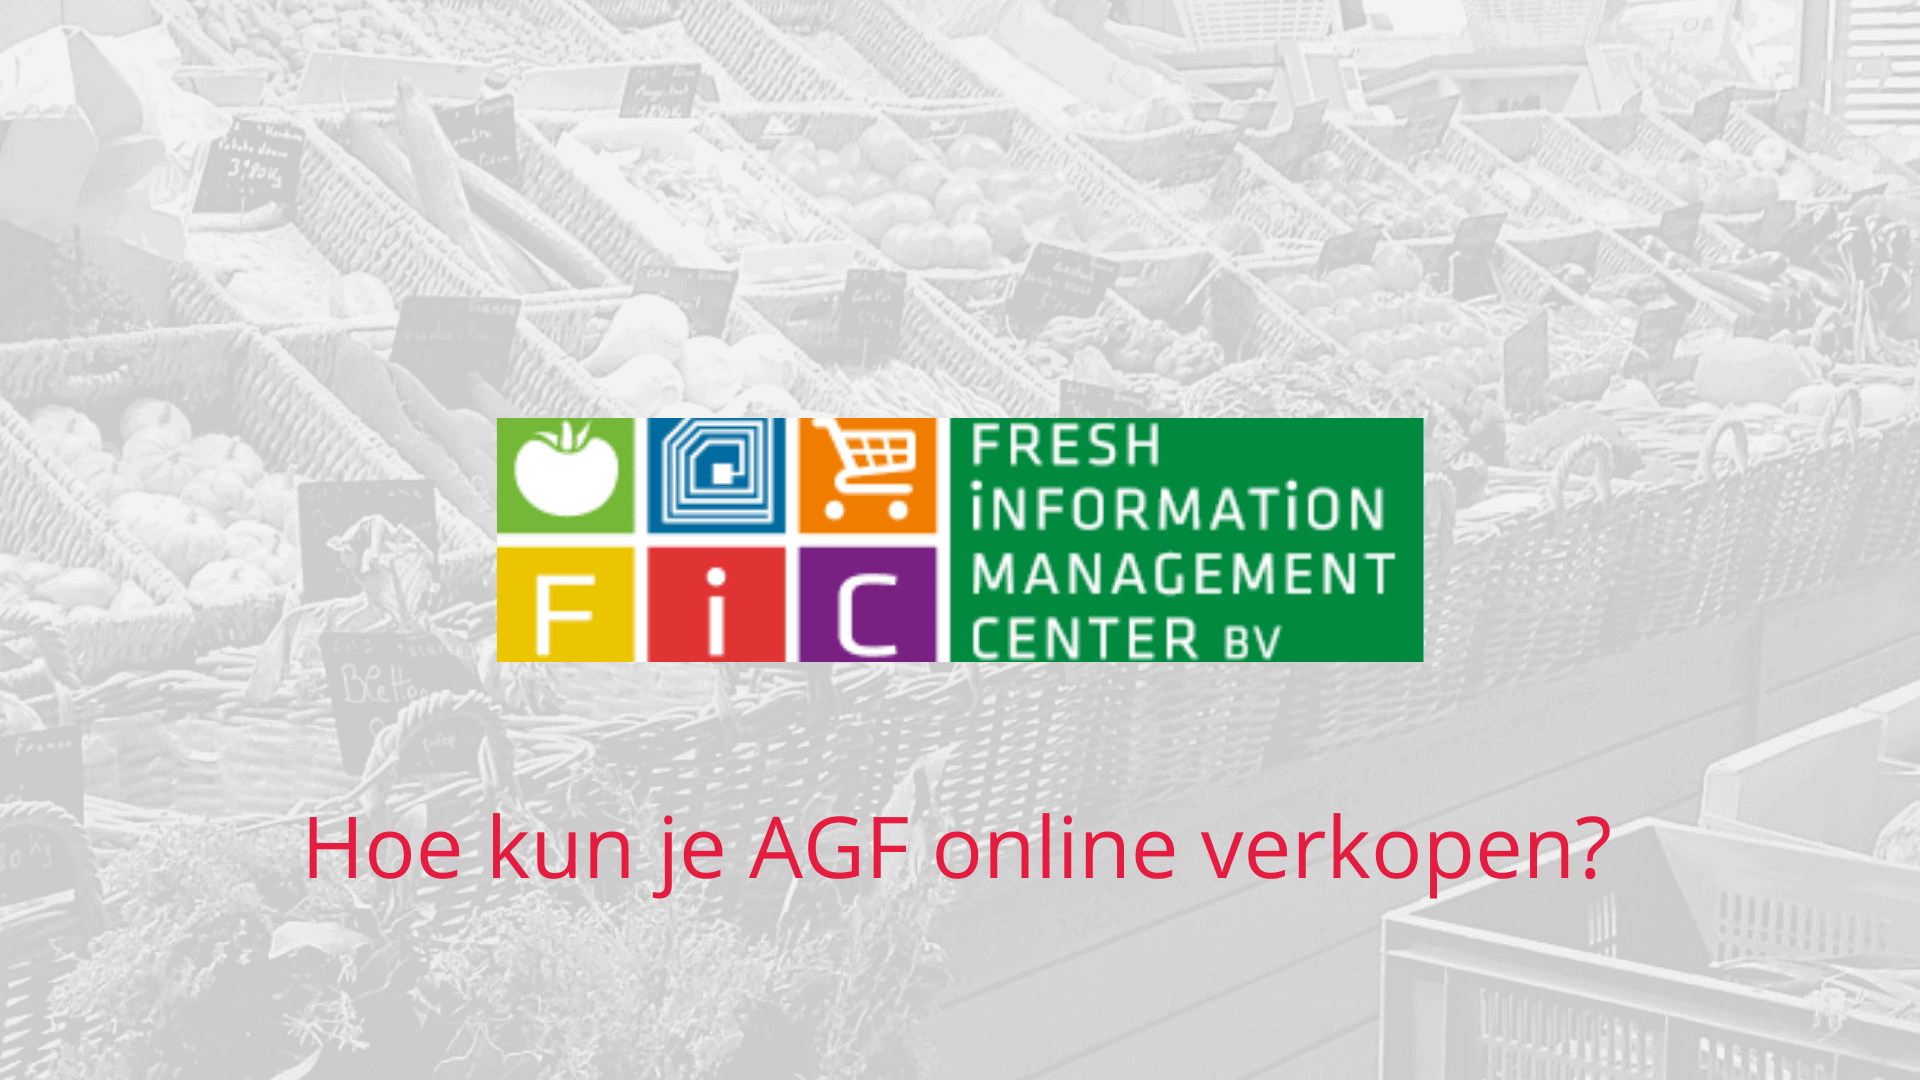 AGF online verkopen